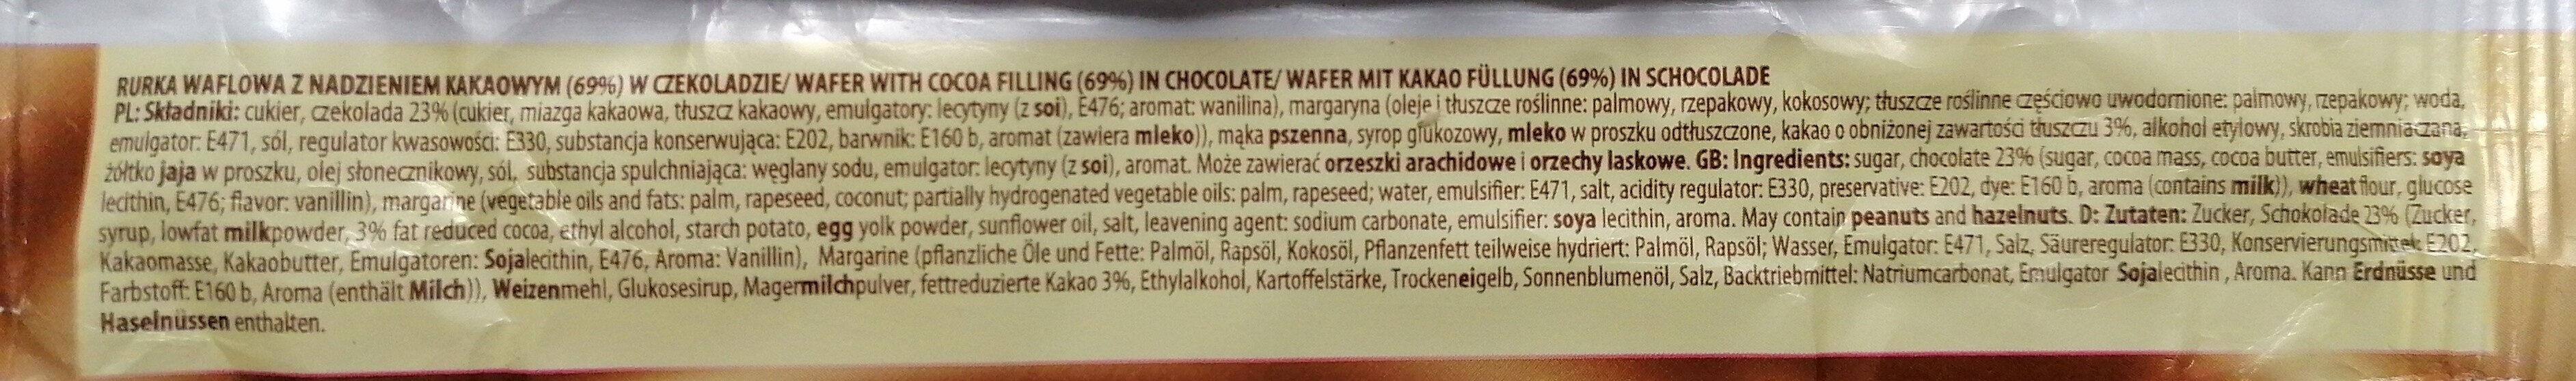 Sękacz kakaowy. - Składniki - pl